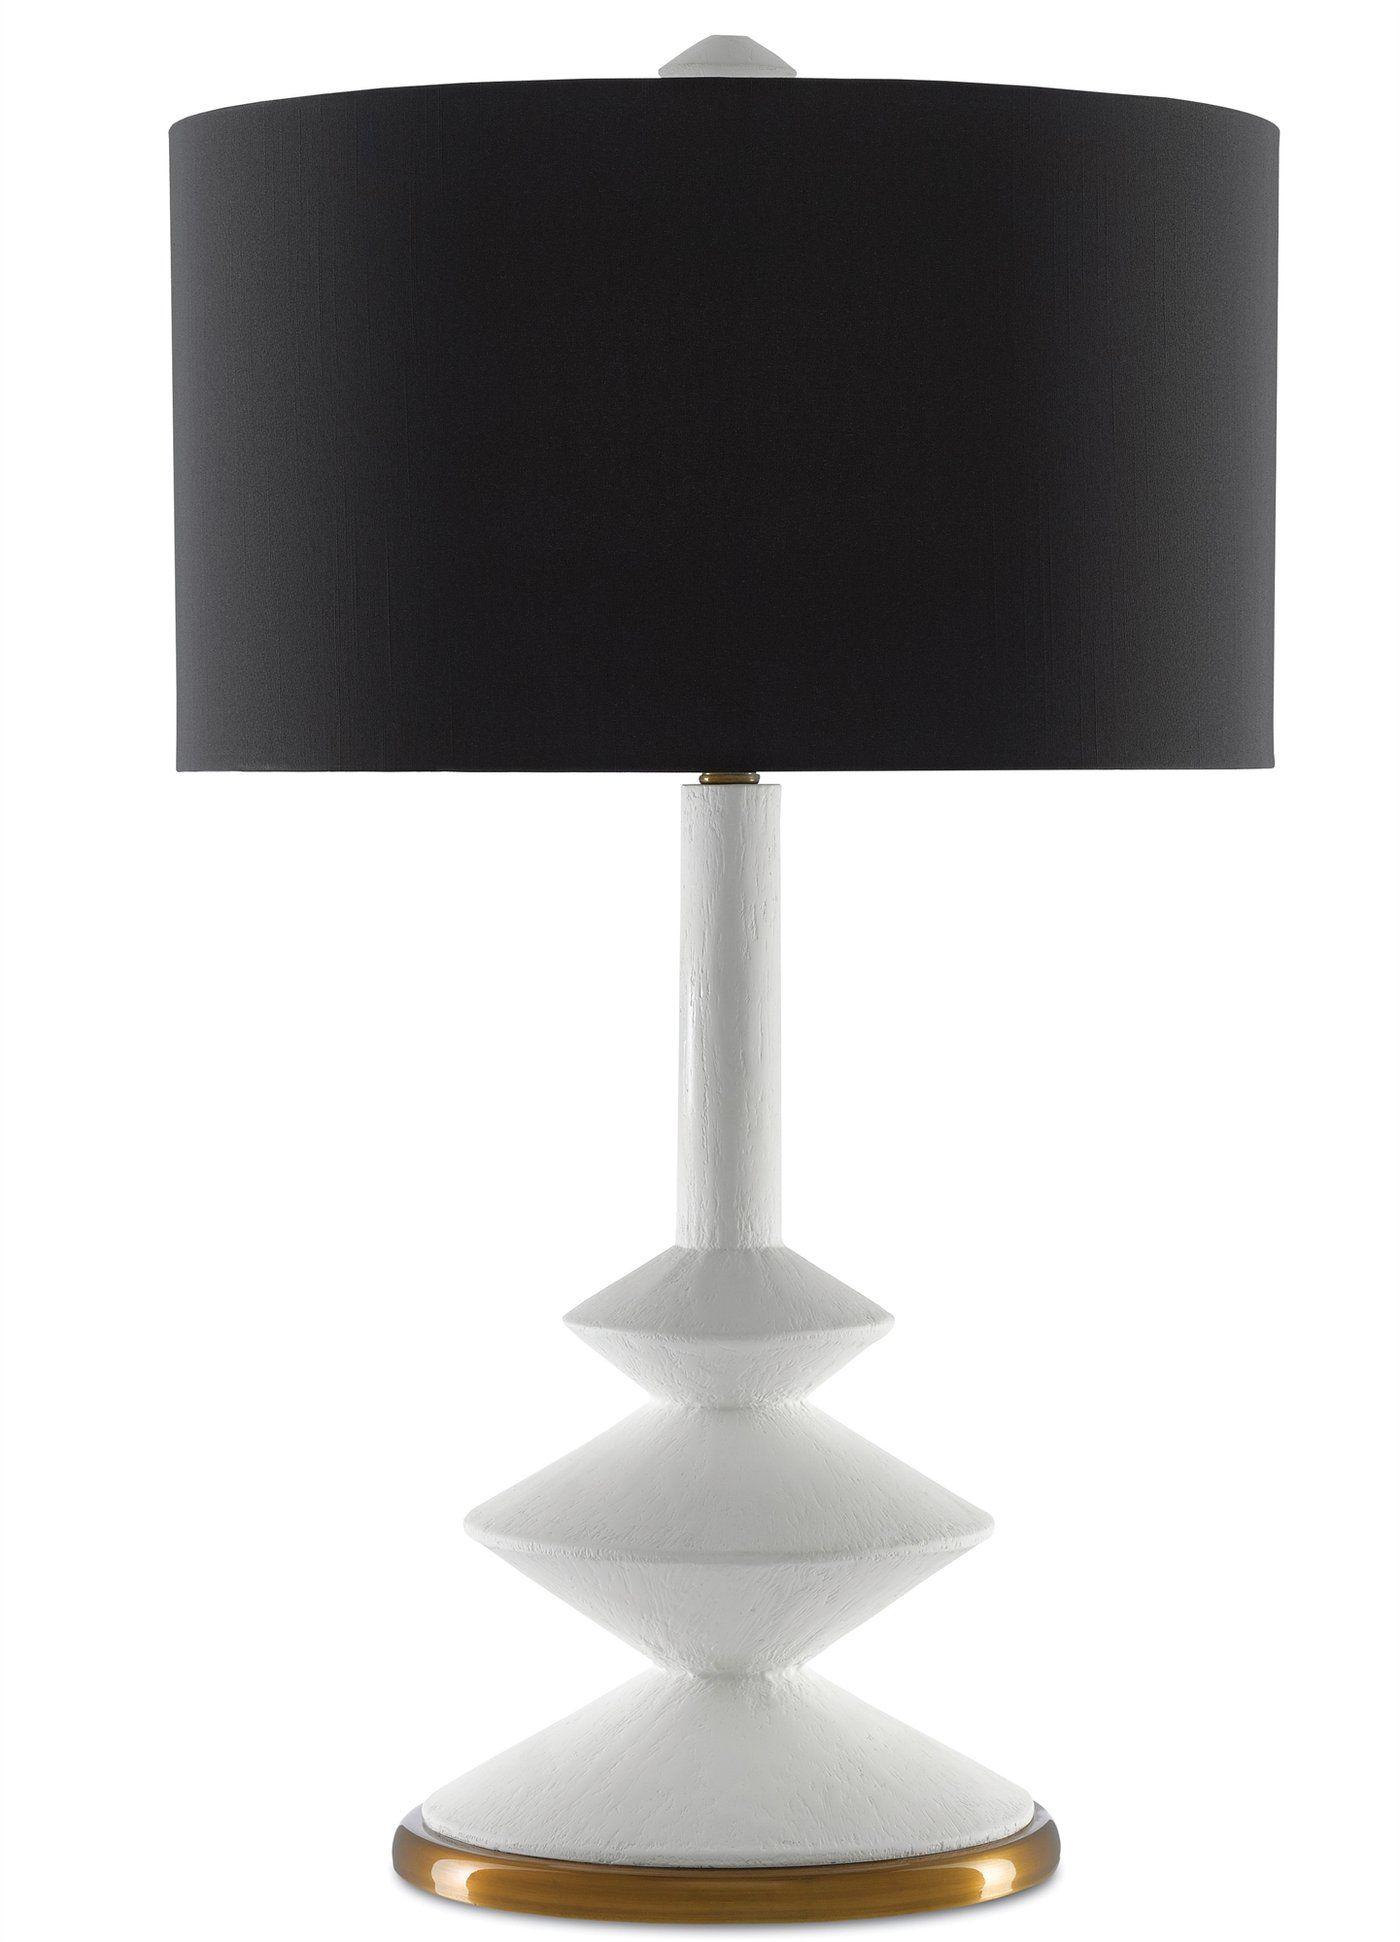 Sabella Table Lamp Table Lamp Design Lamp Design Lamp